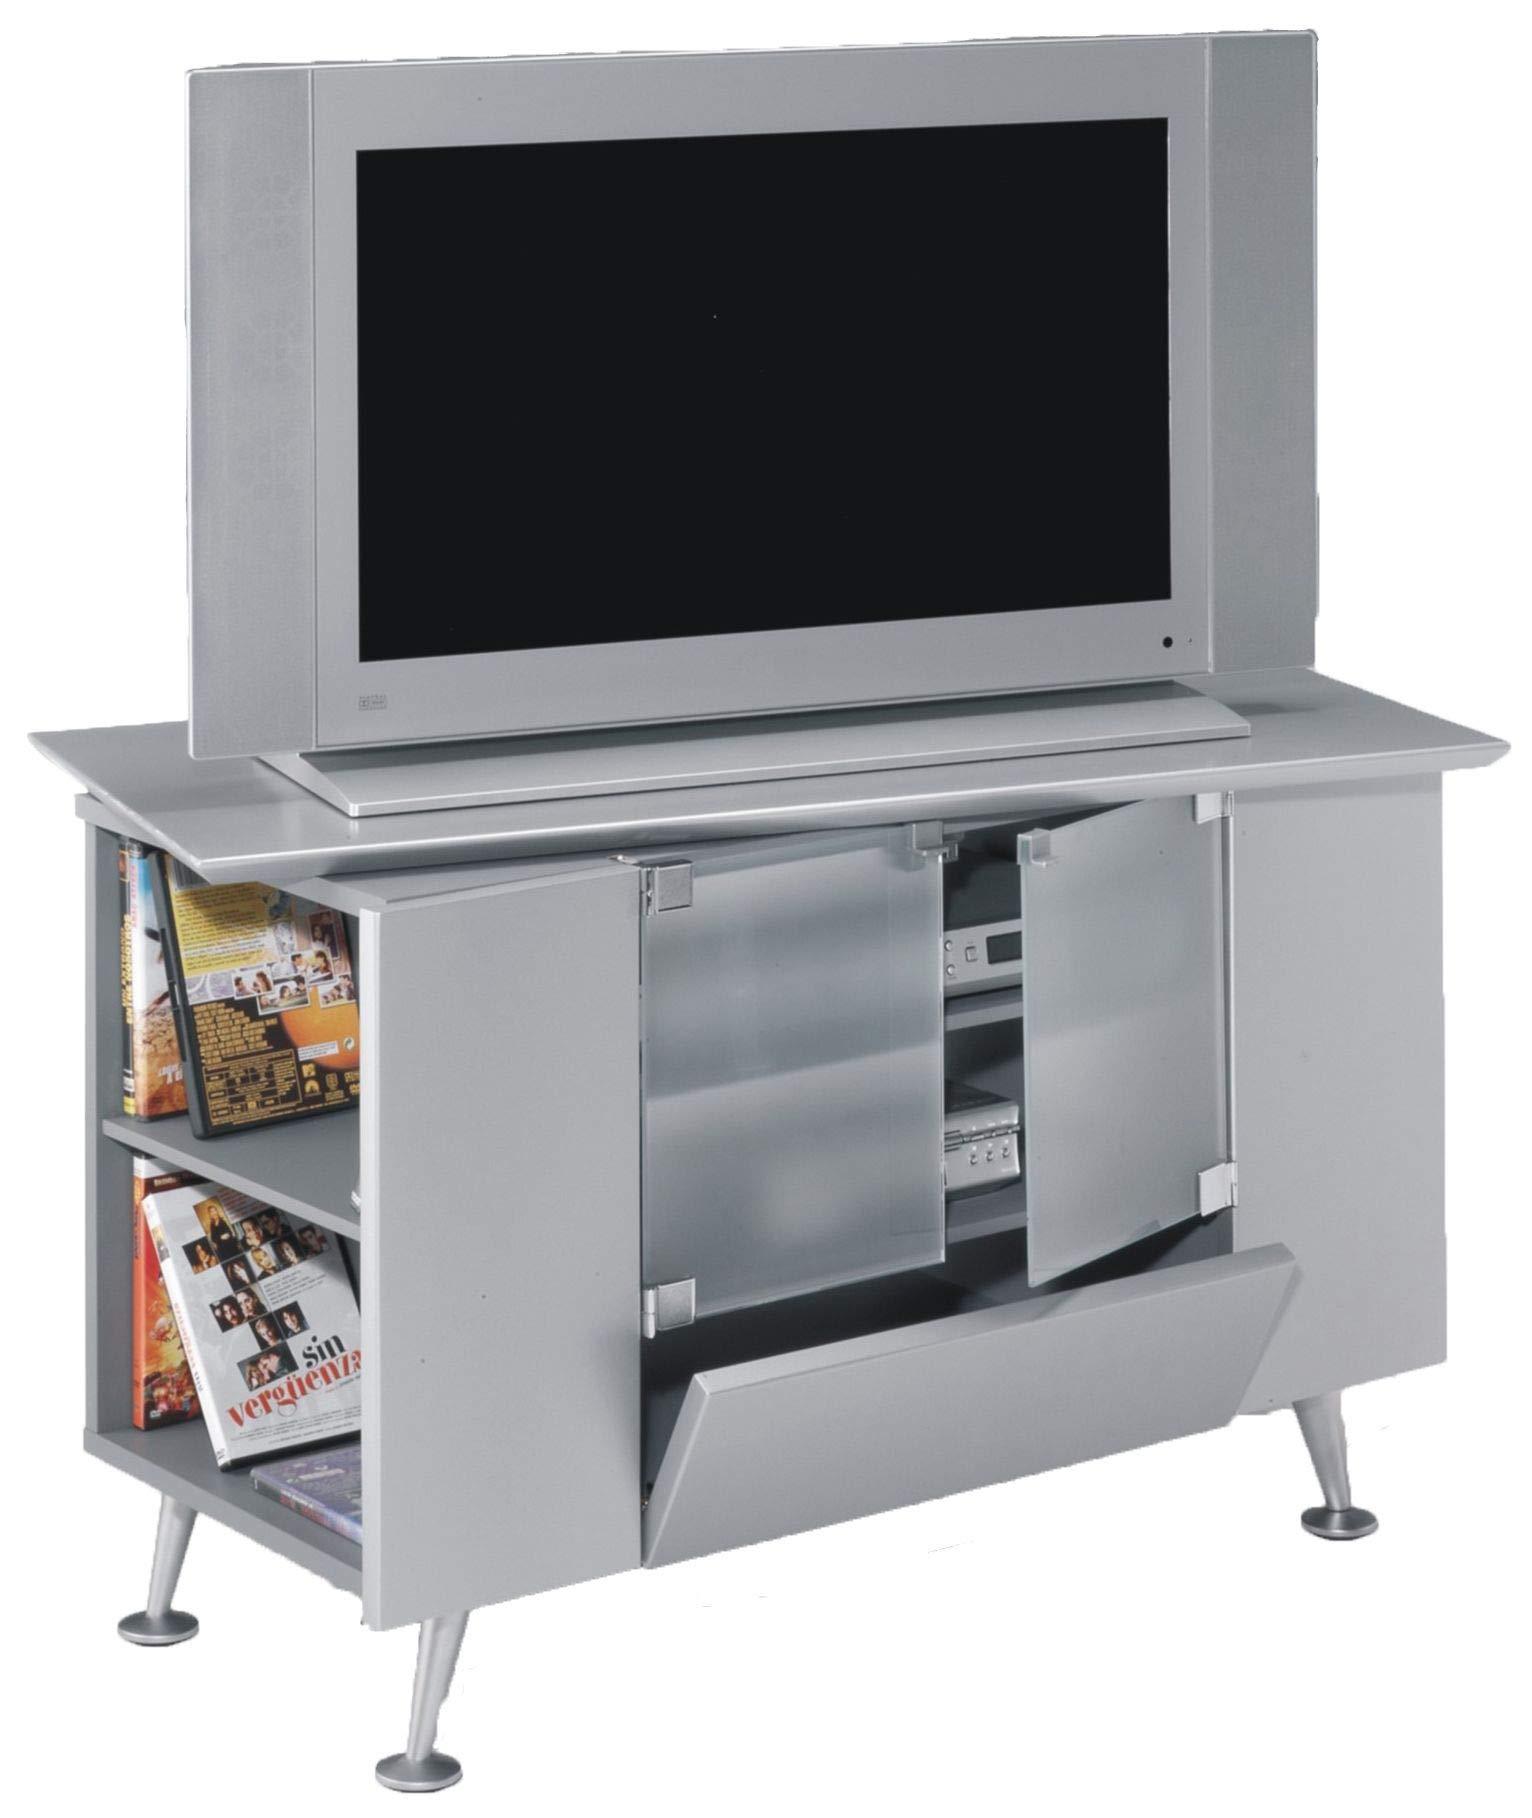 SZ Suarez Mueble TV Estilo Retro Color Gris Salon Mesa Auxiliar ...